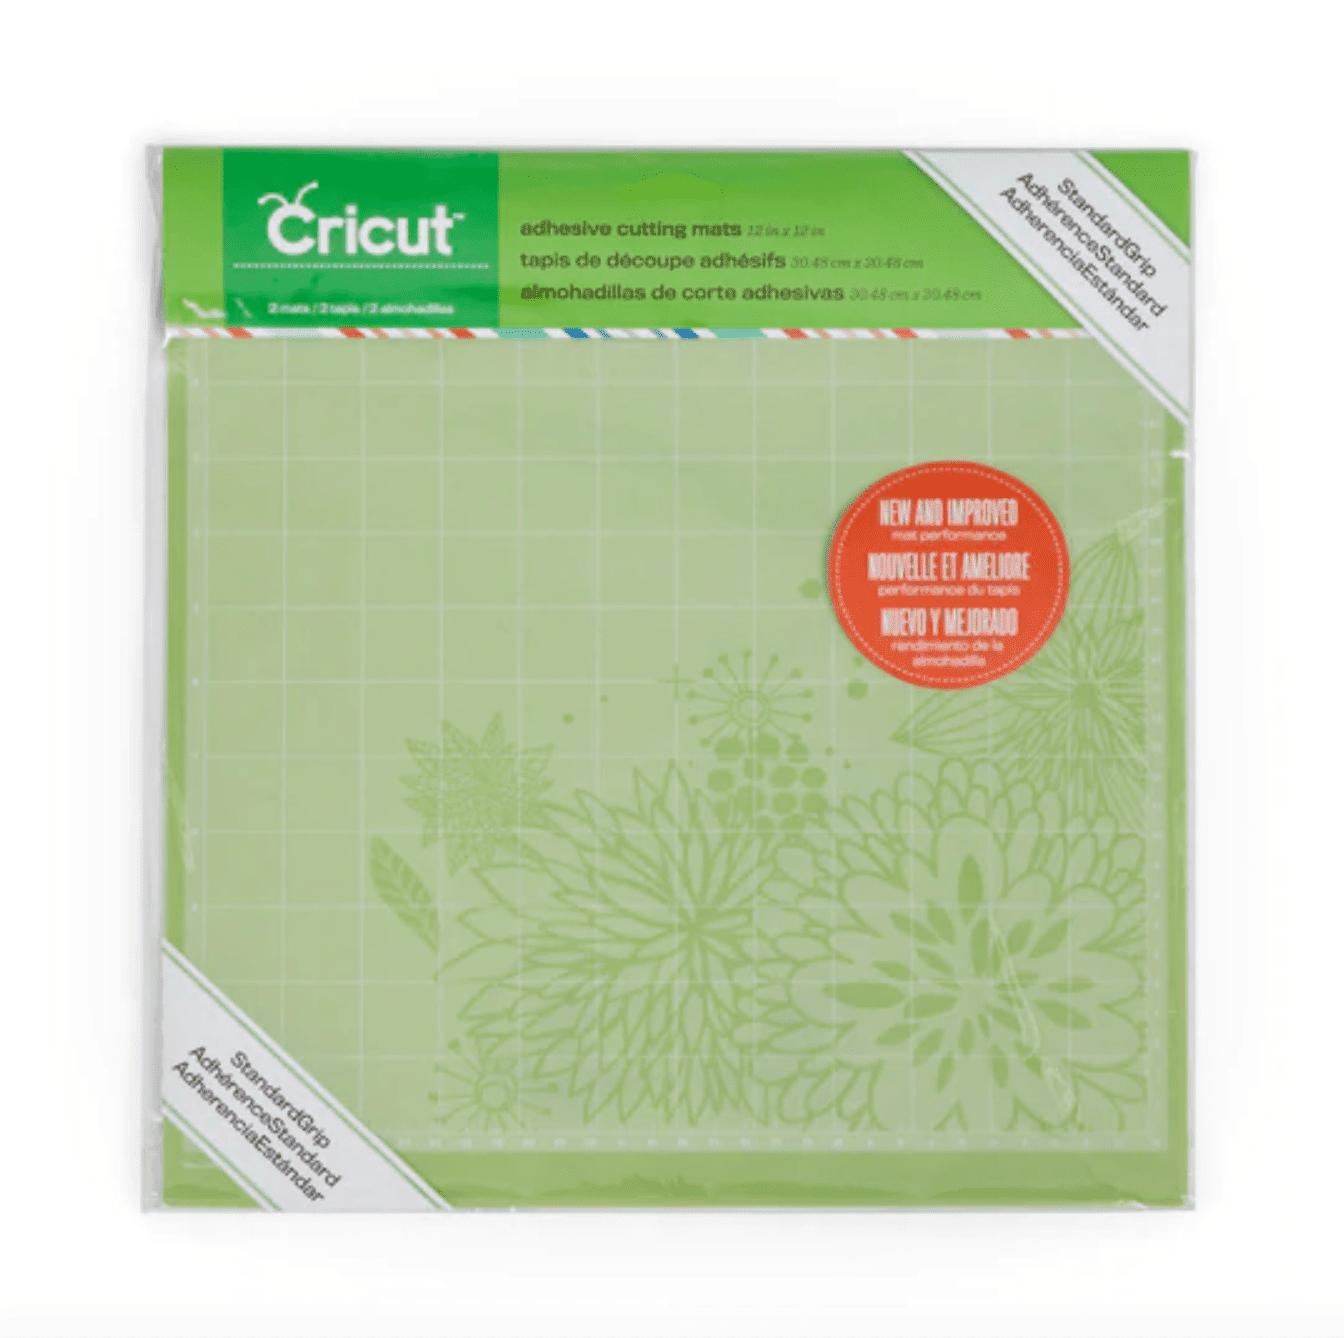 Cricut StandardGrip Cutting 12x12 3-Pack